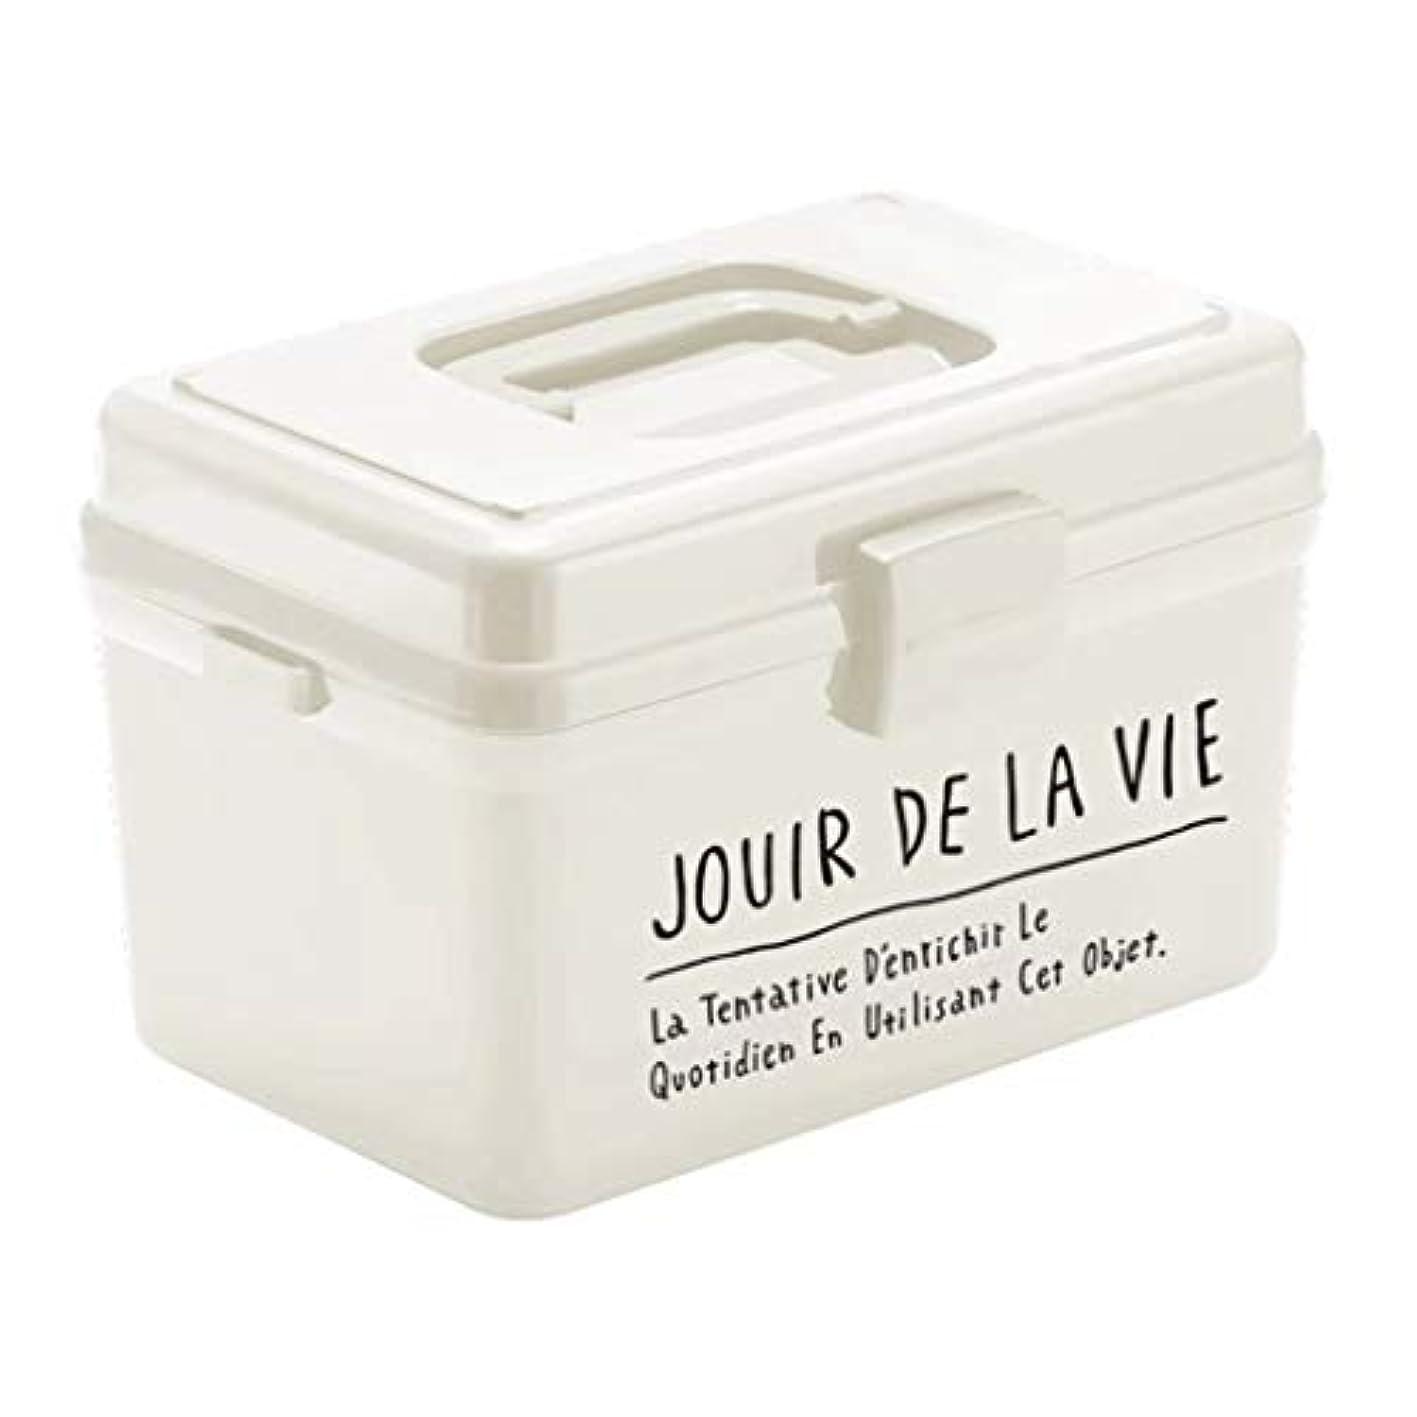 医療用キット家庭用大容量医療用具薬収納ボックス高品質プラスチック素材ポータブルデザインブラック、ホワイト SYFO (Color : White)